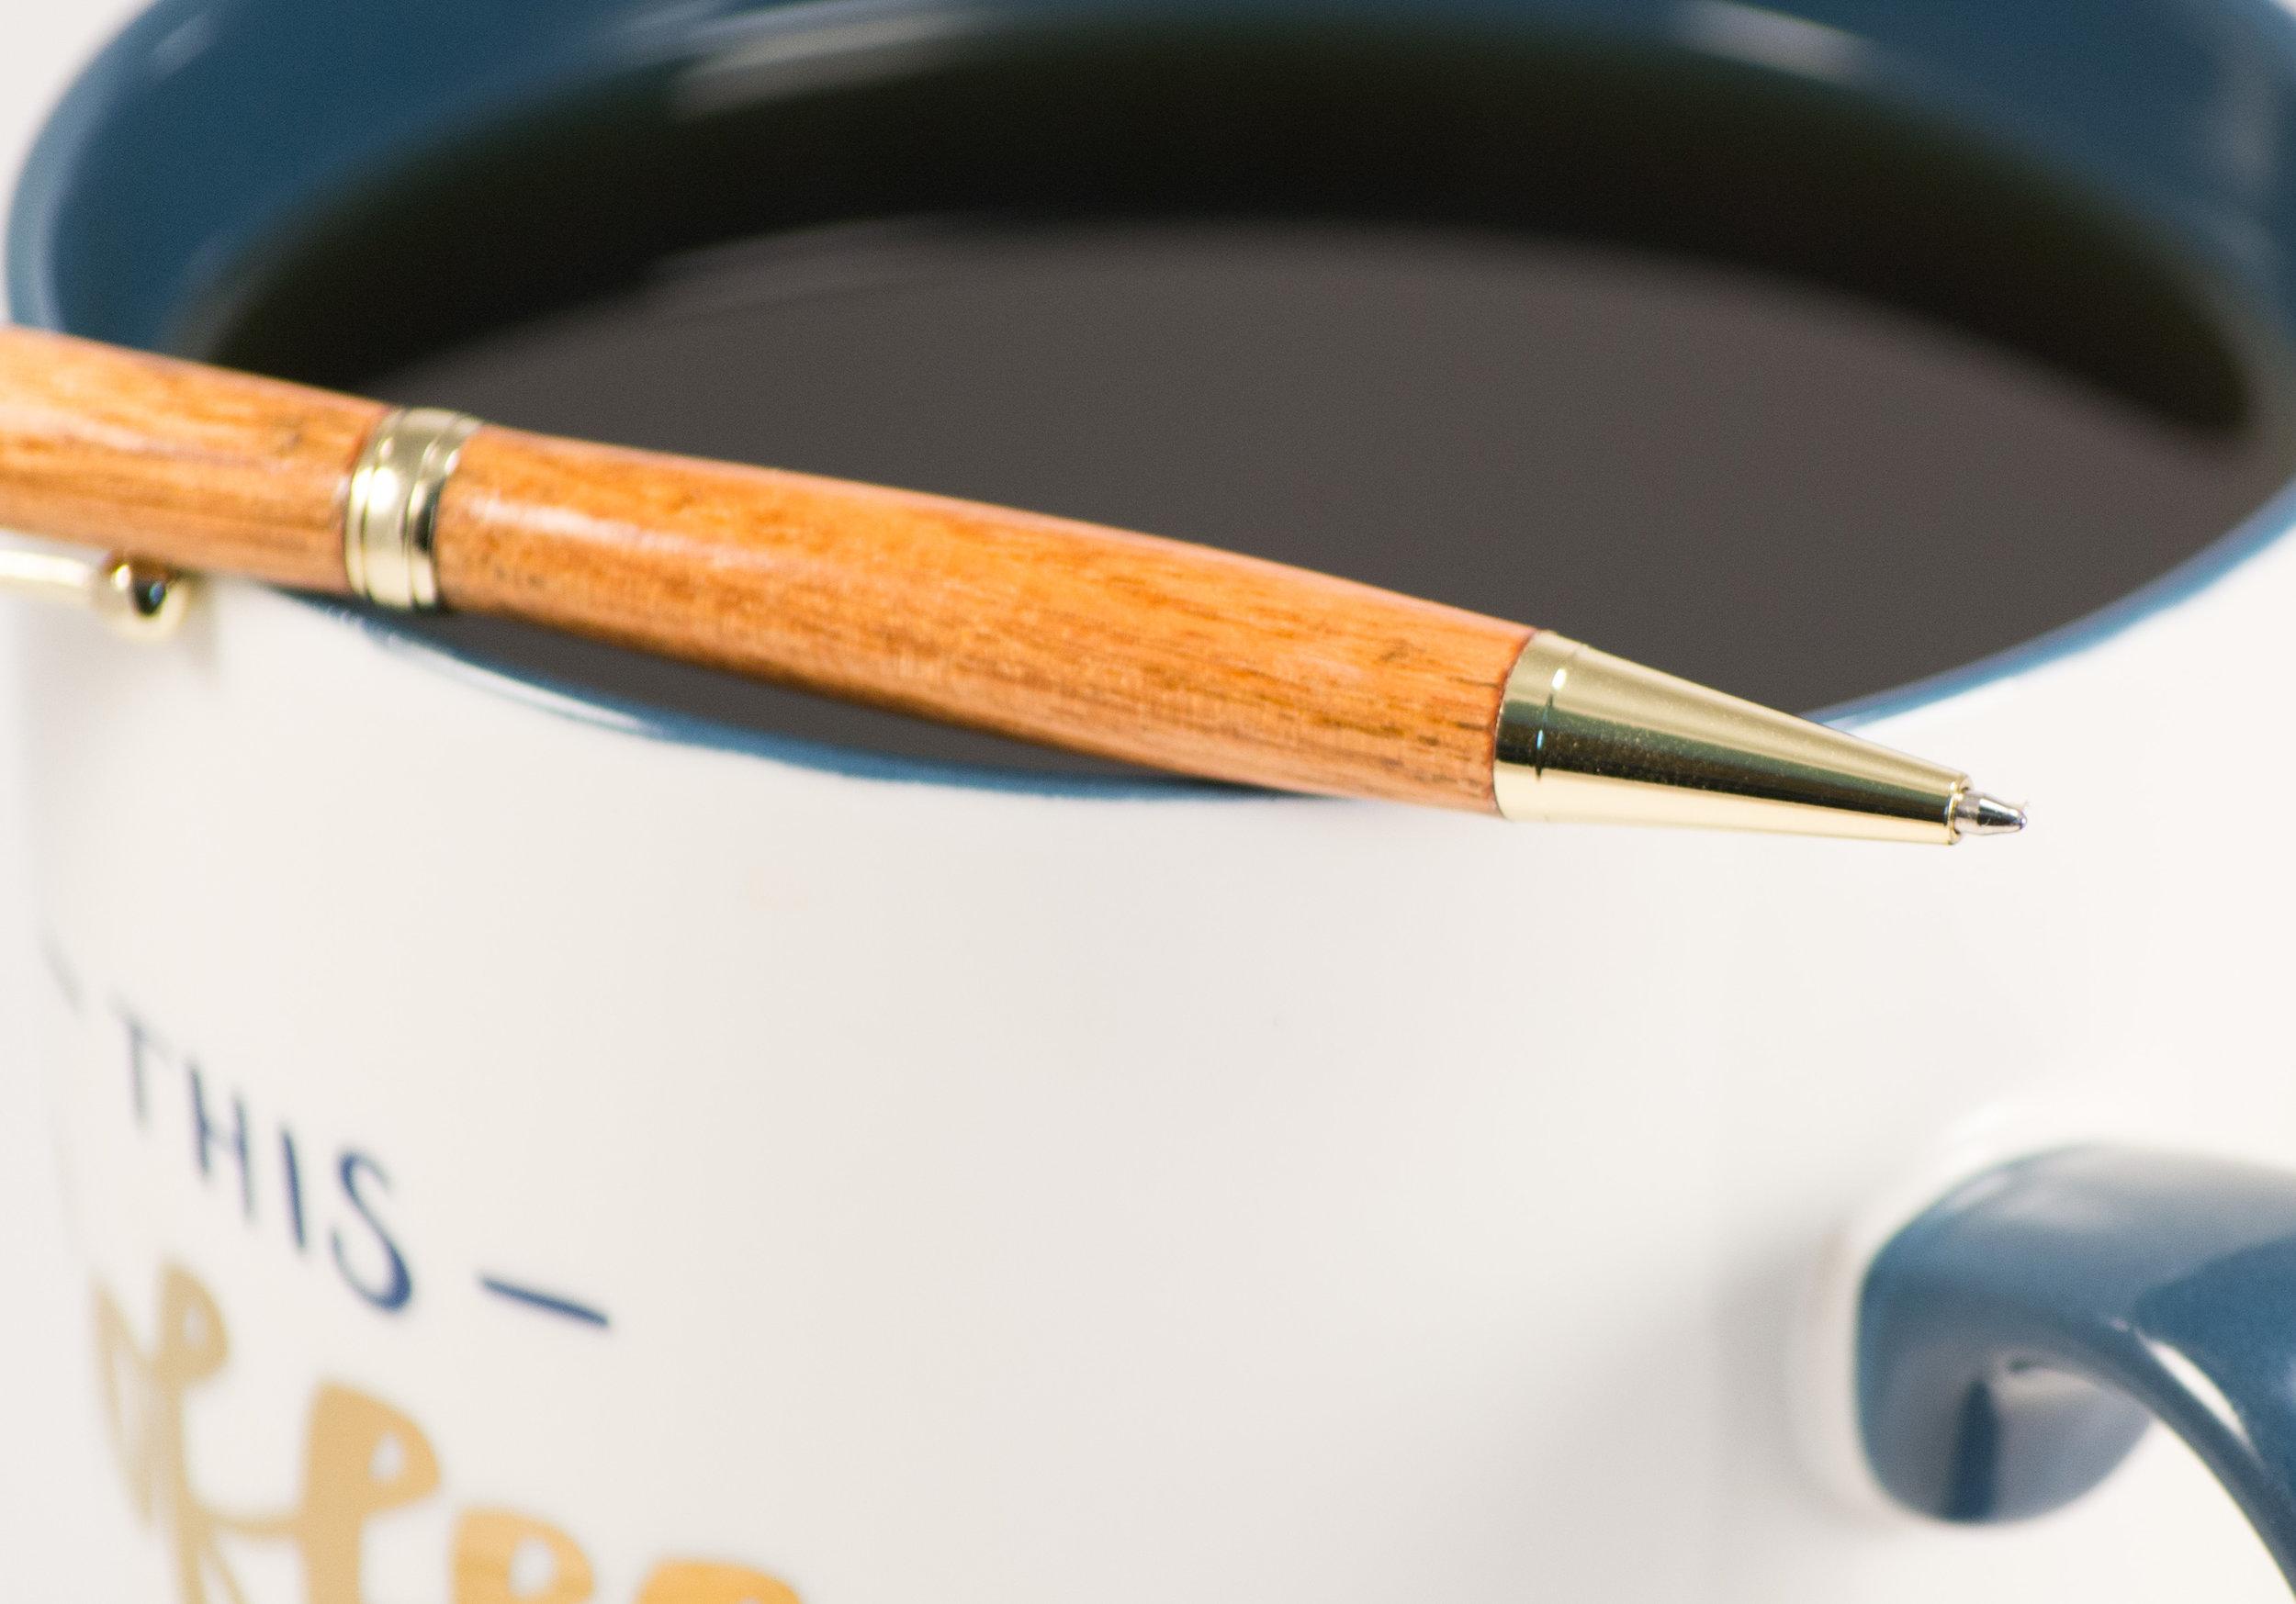 CoffeePen-4.jpg